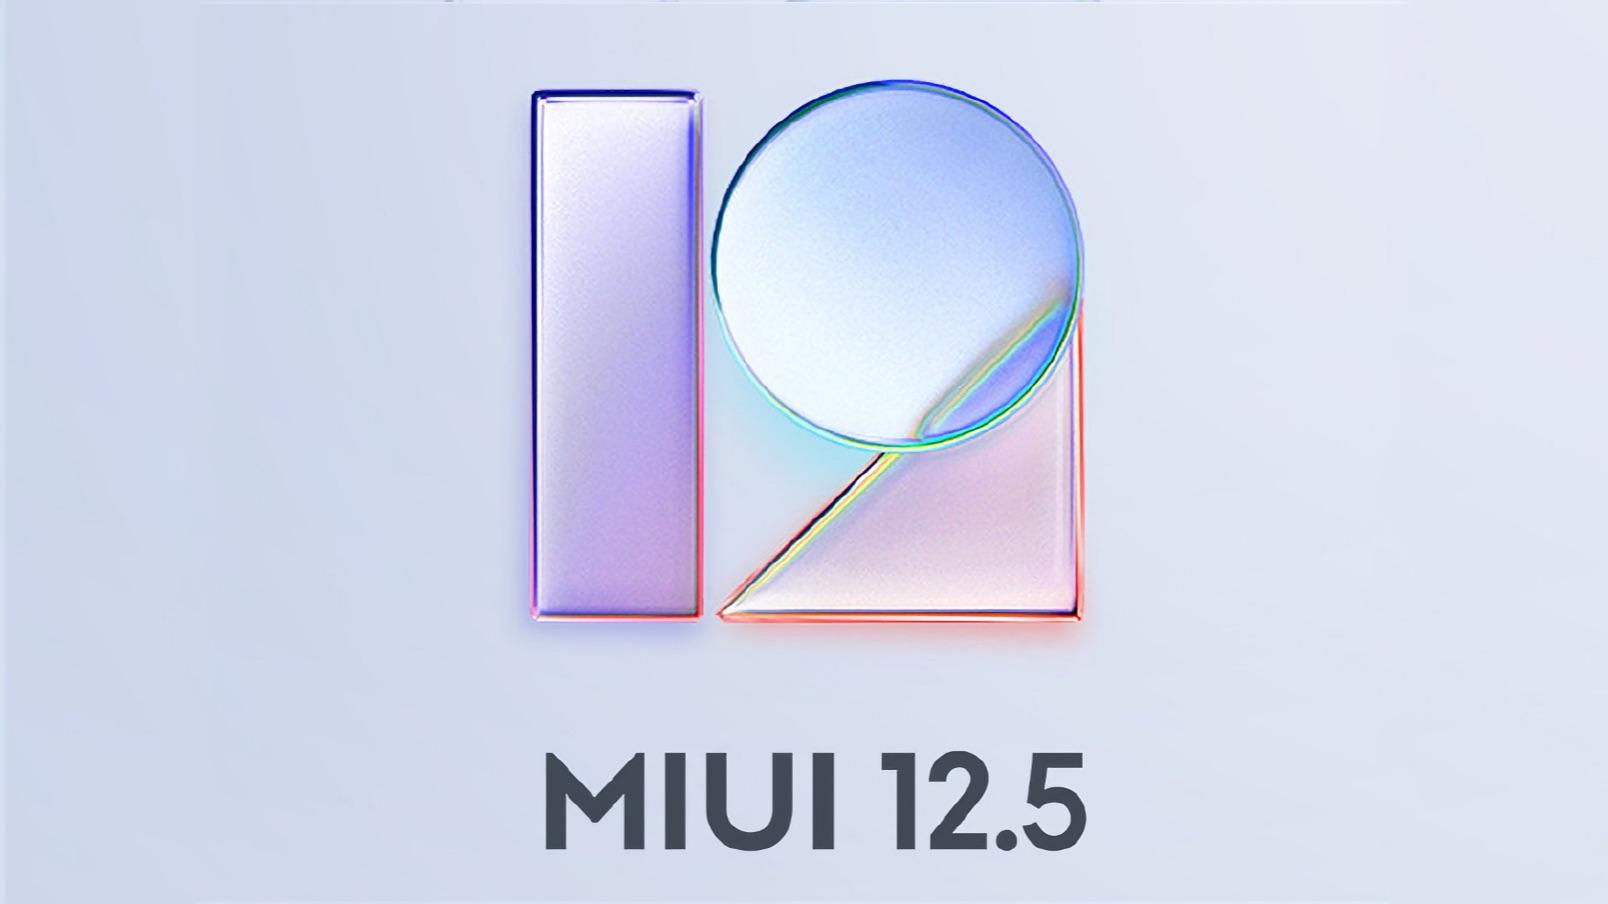 MIUI cambiará su apariencia en dispositivos Redmi